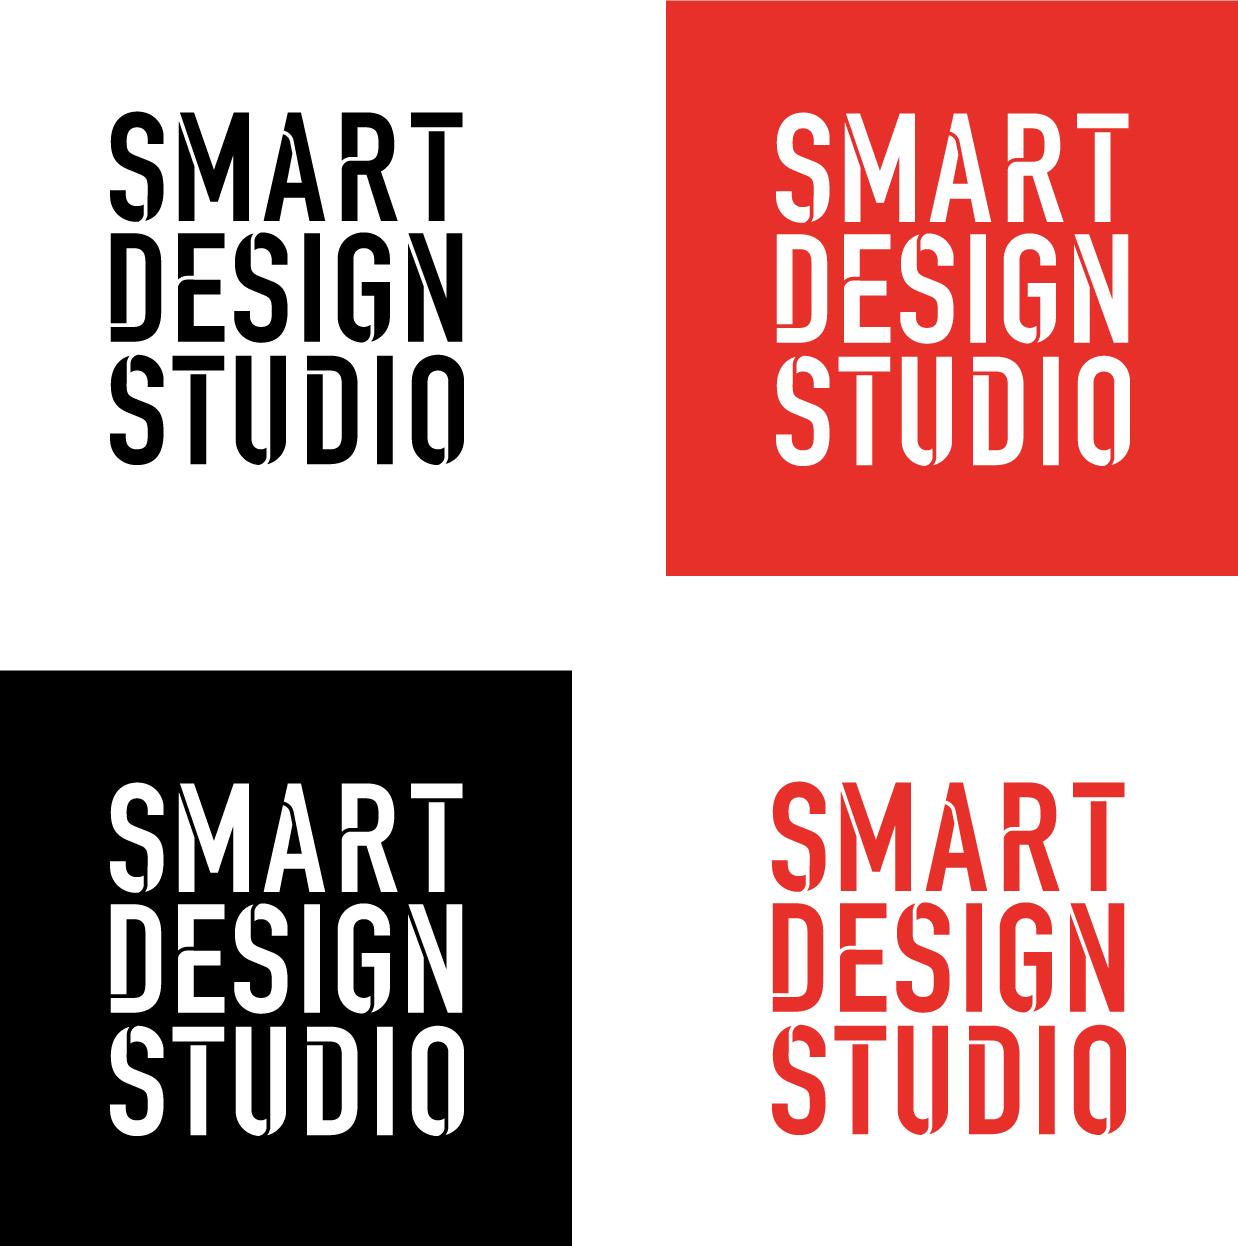 smart logos all.jpg